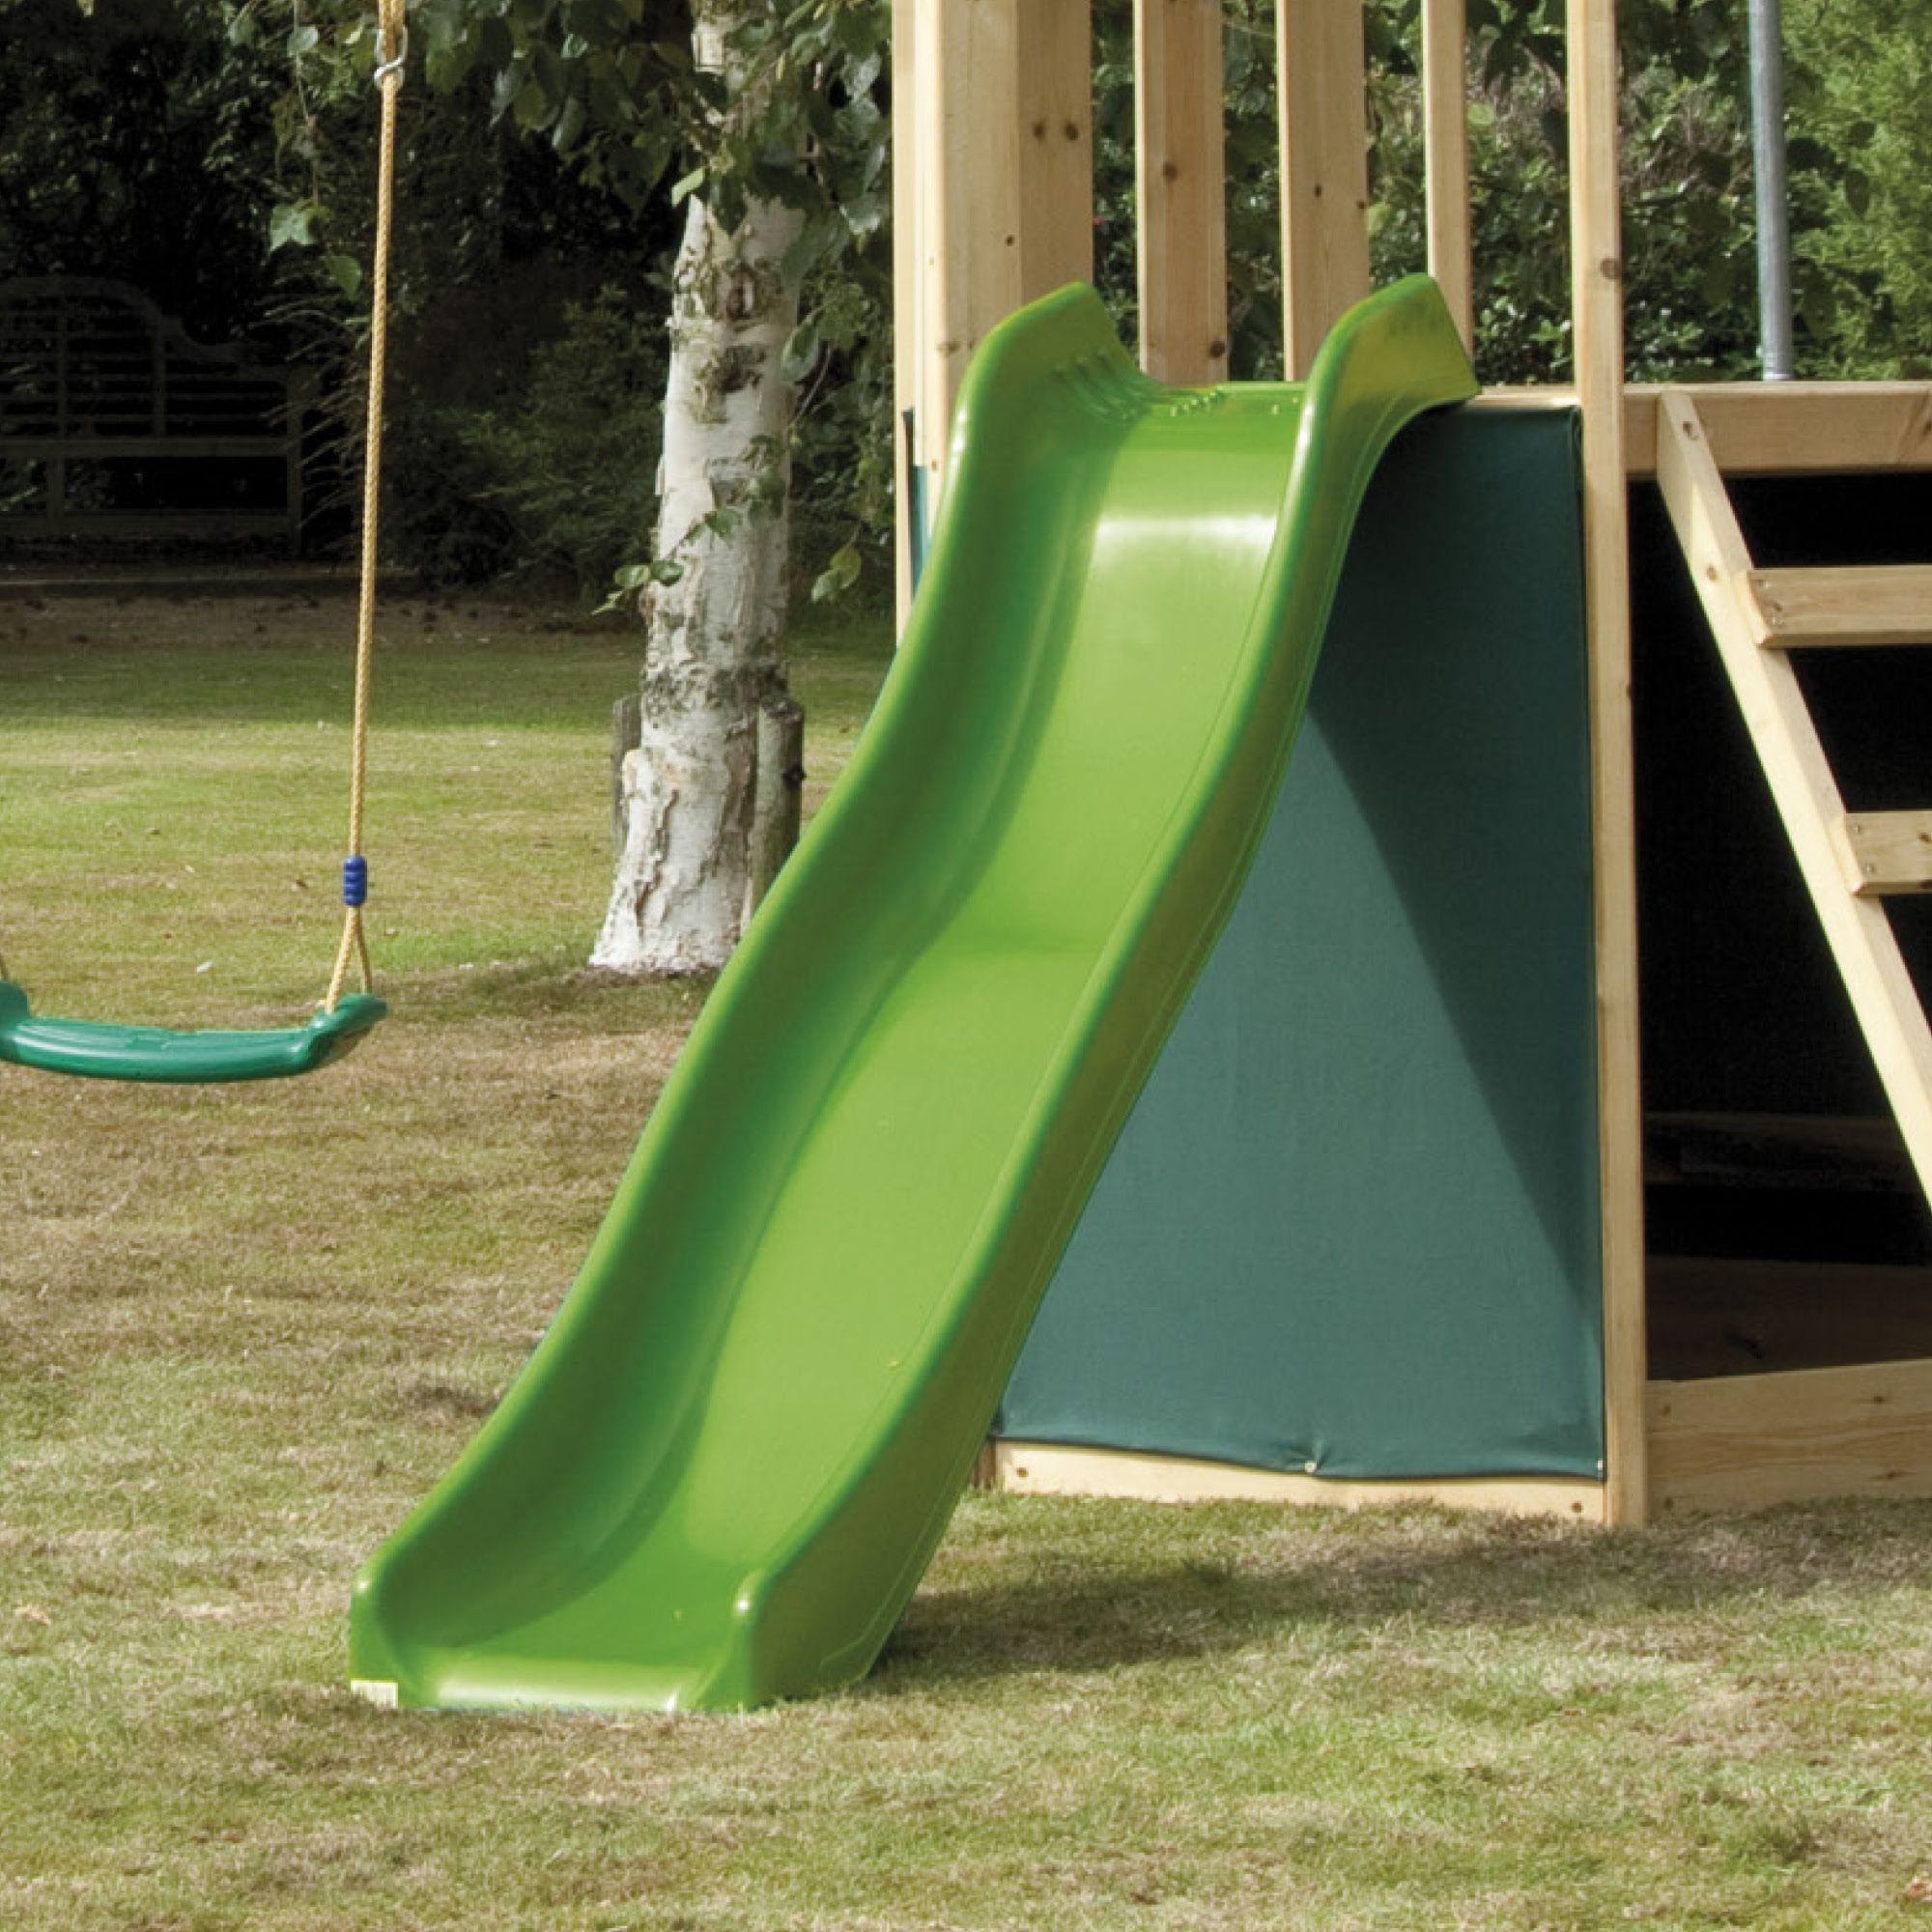 Wavy Slide Body TP toys Platform height 98.5 cm Thinking